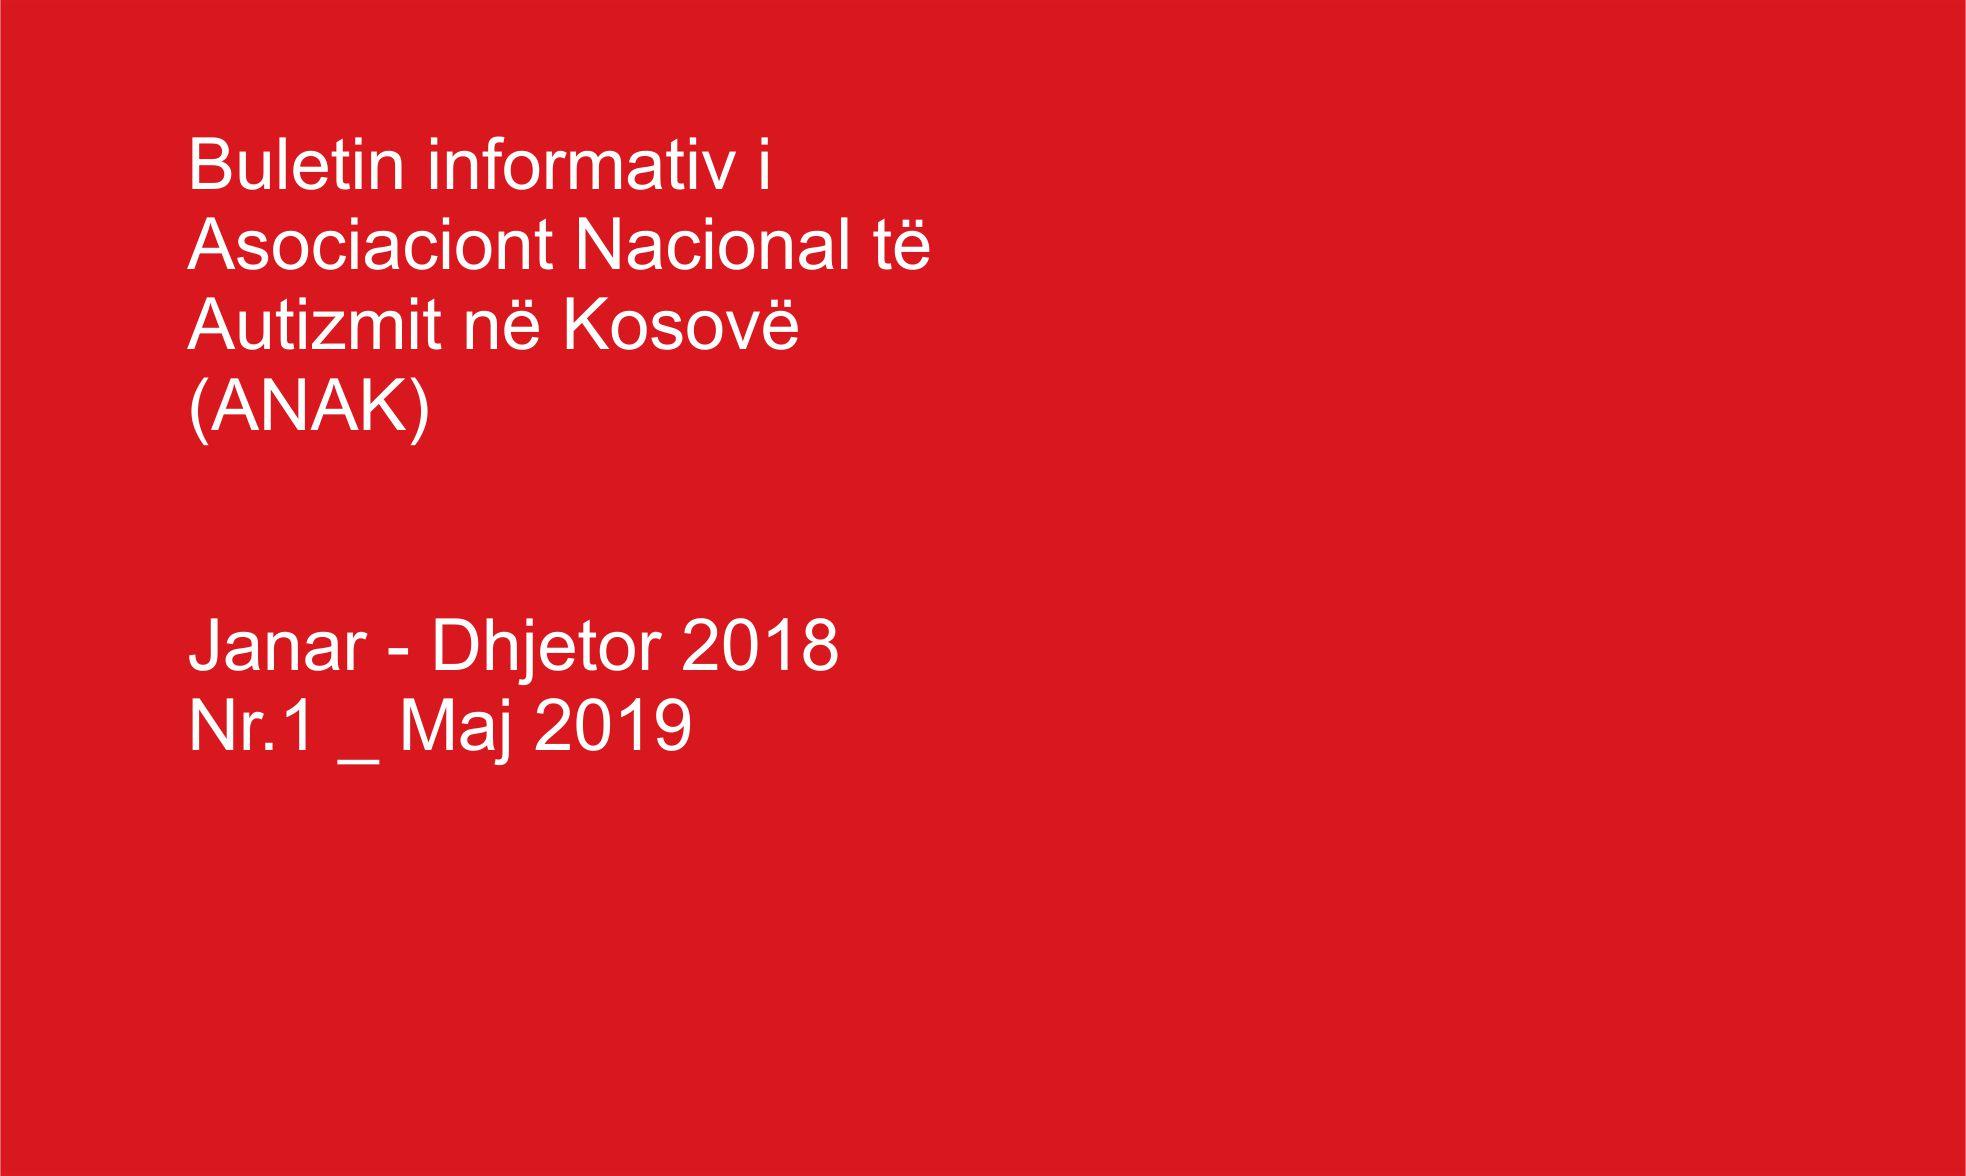 ANAKu  publikon buletinin e parë informativ të organizatës.